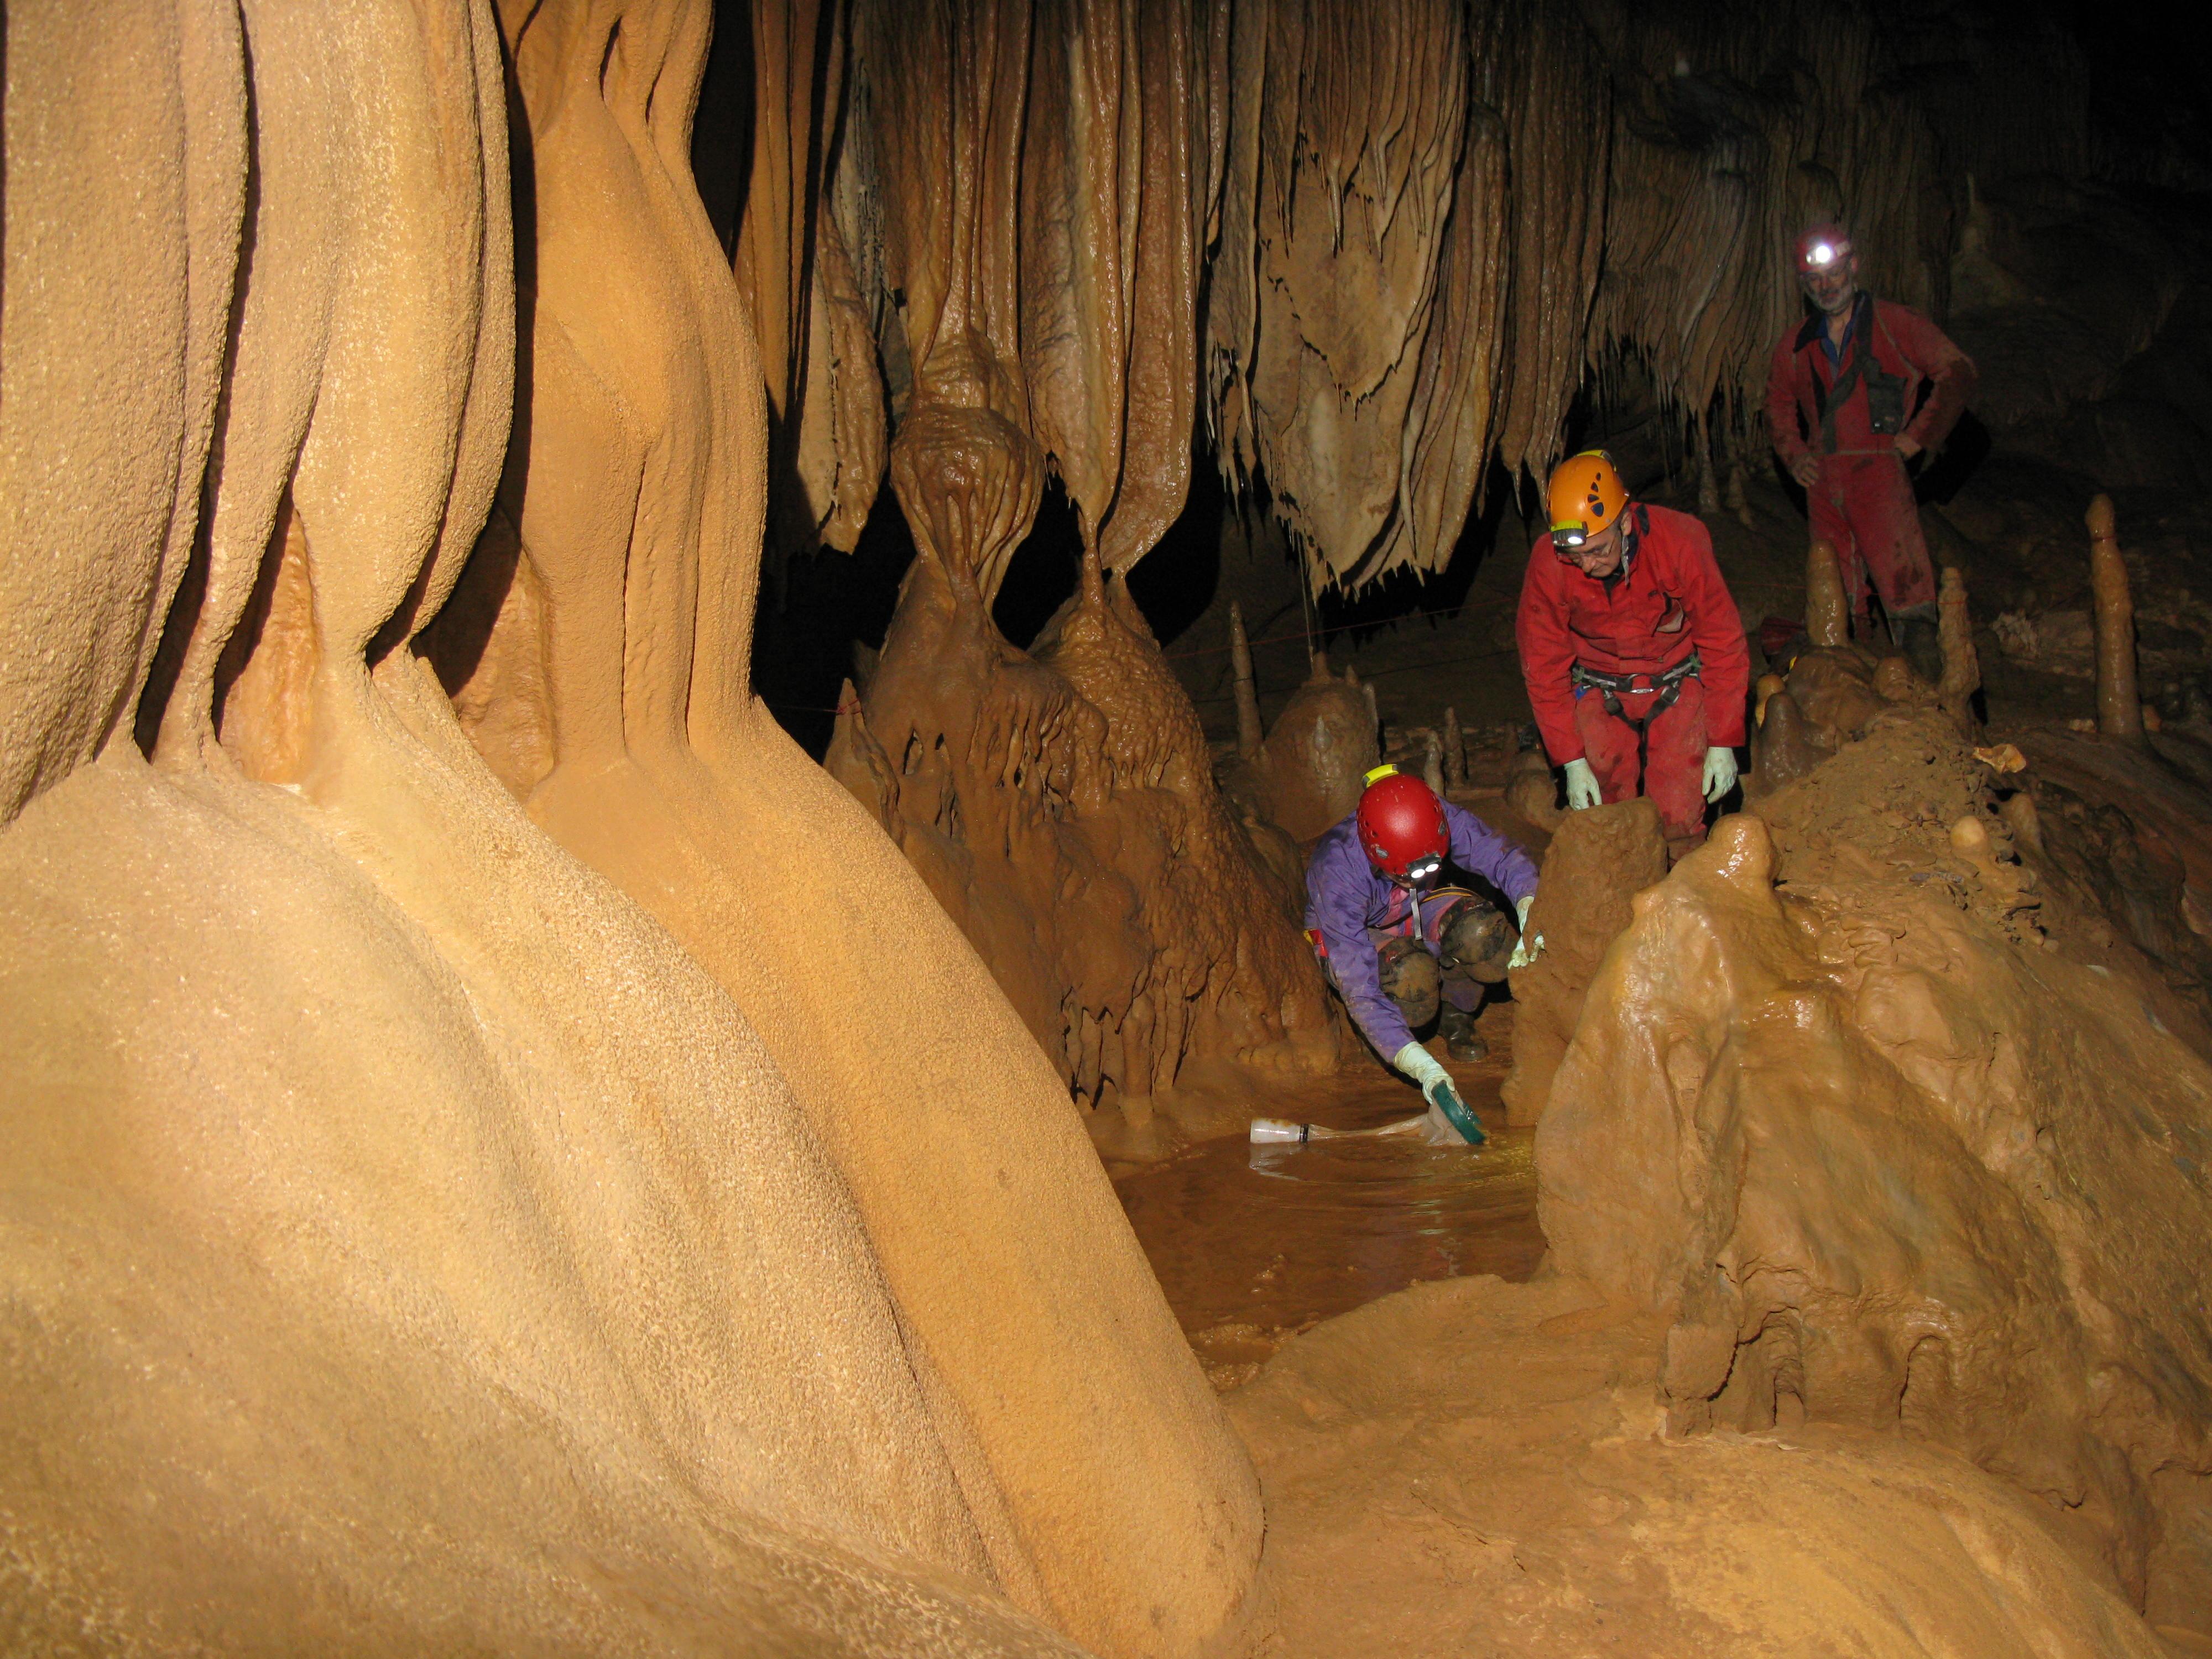 Descubierta una nueva especie de crustáceo subterráneo en una cueva de Vizcaya